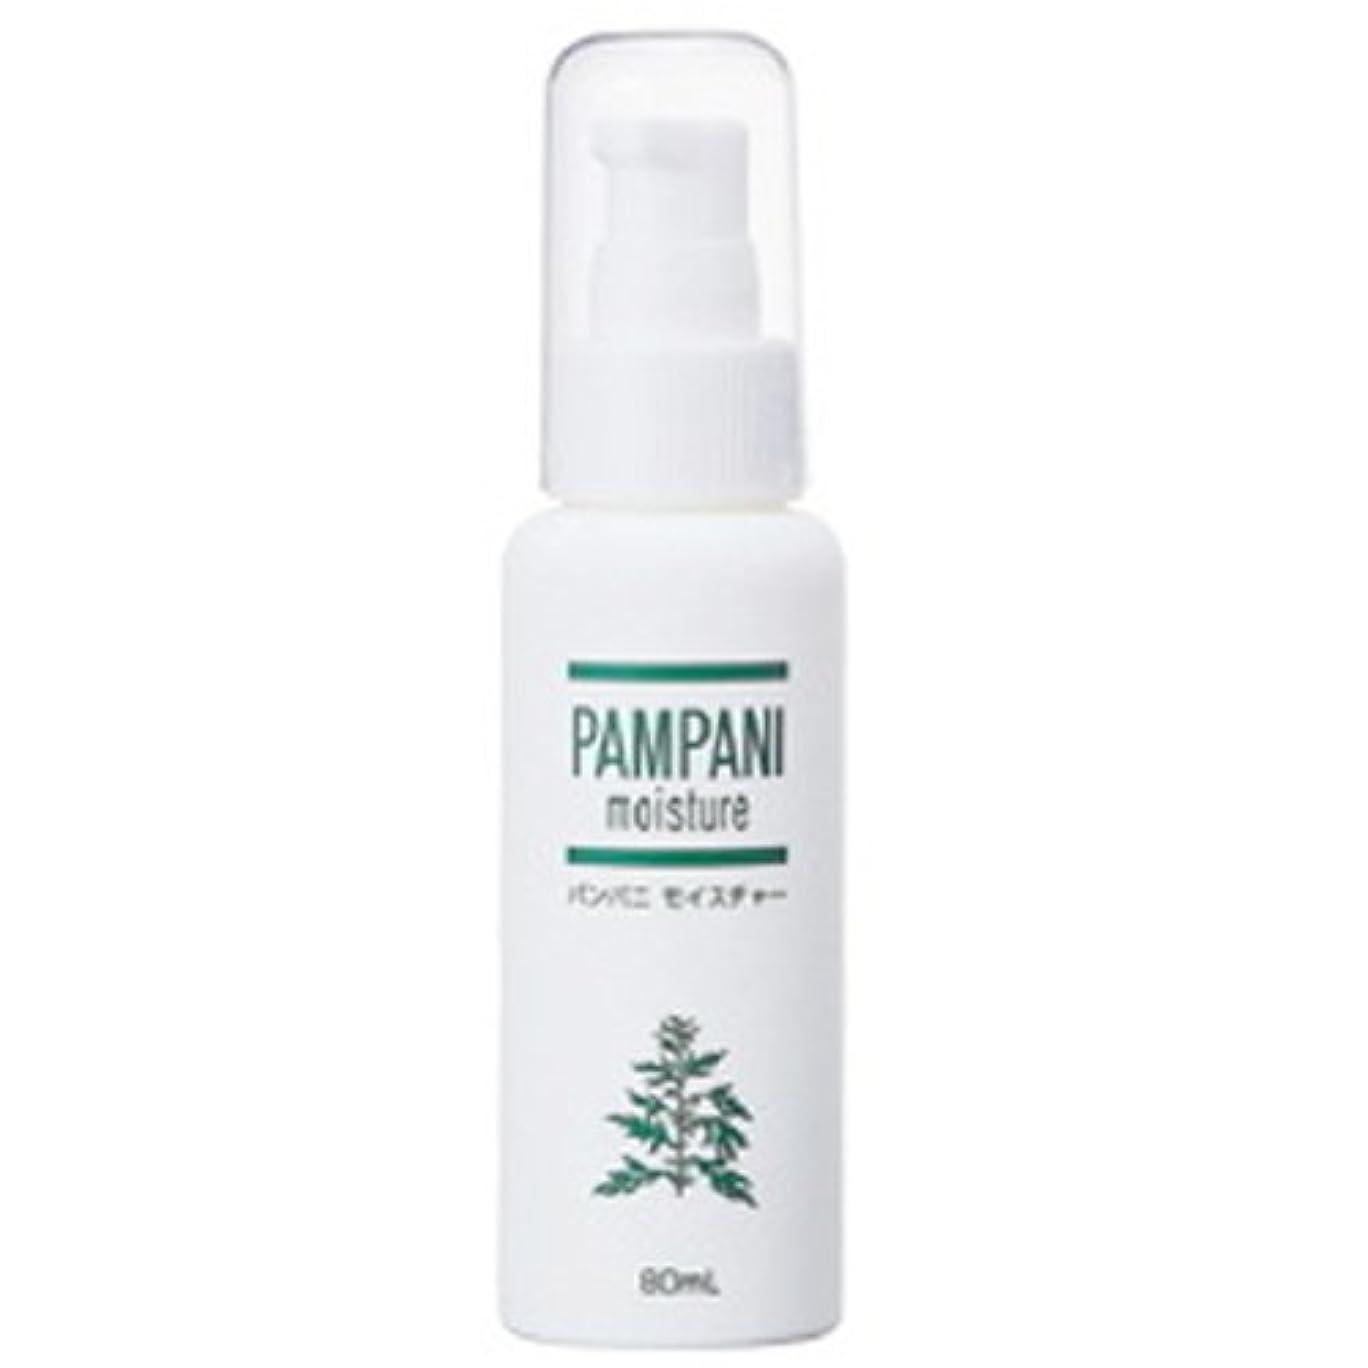 水銀の飲み込む分析パンパニ(PAMPANI) モイスチャー 80ml